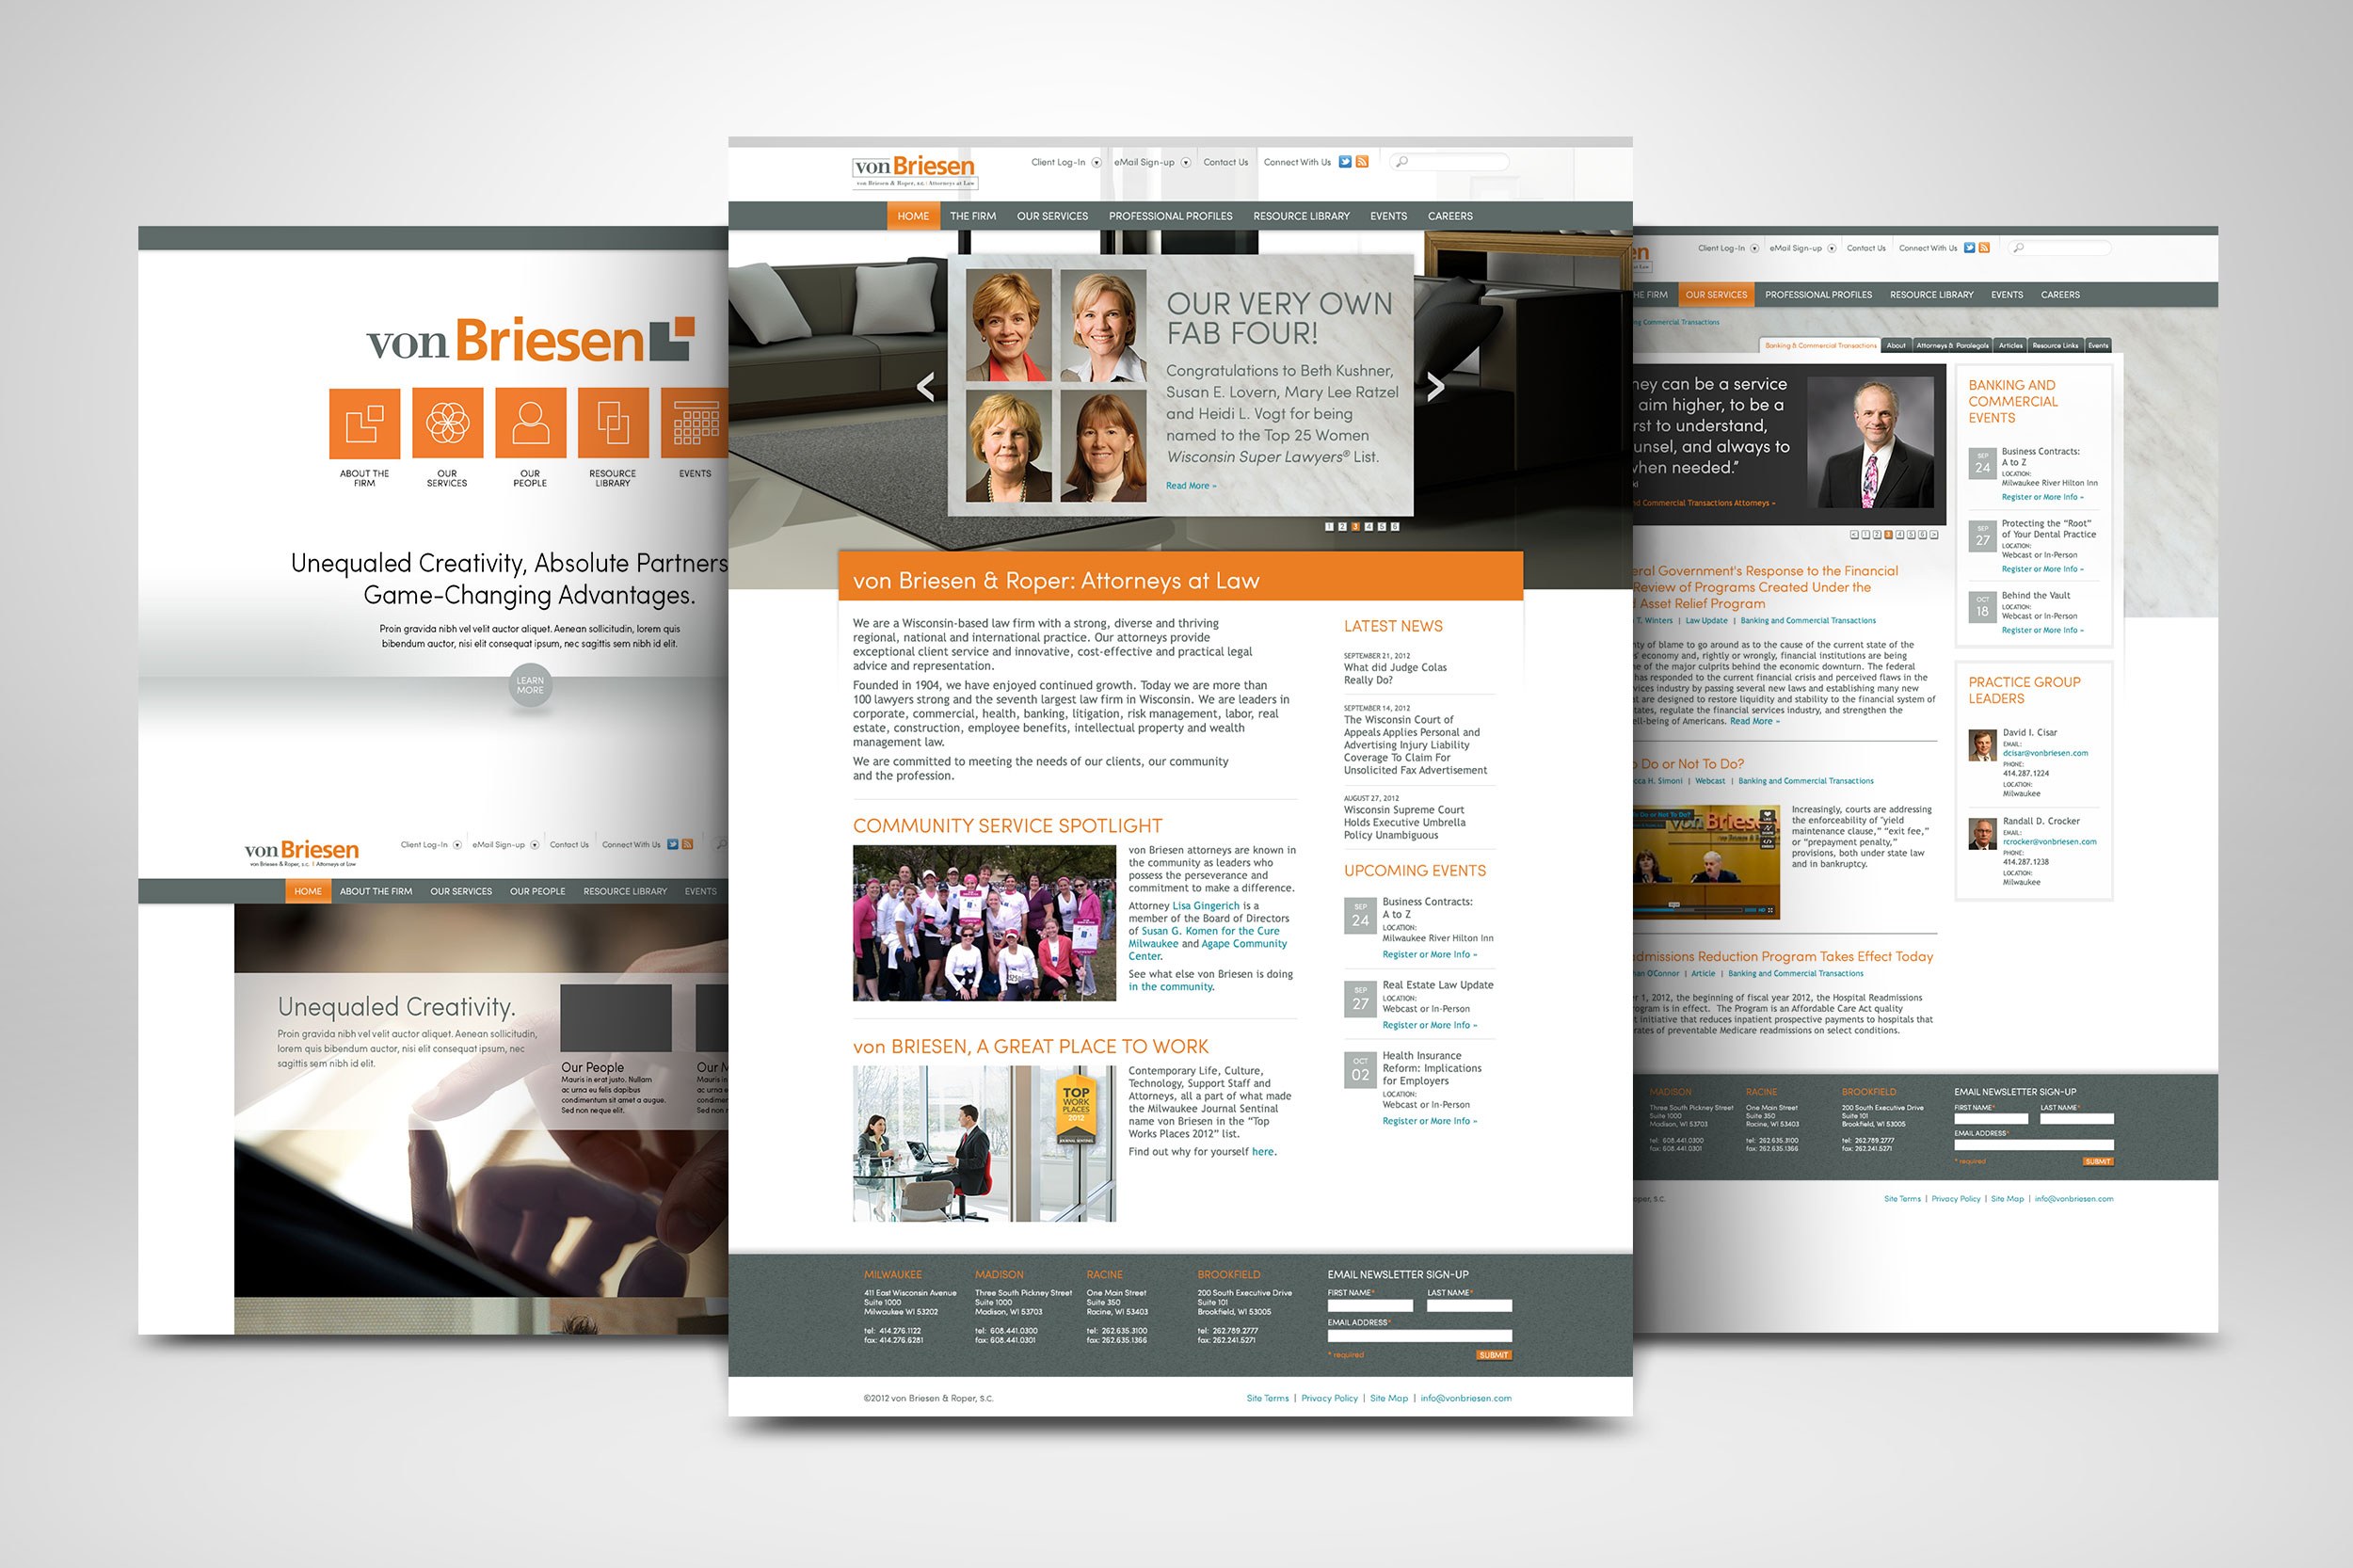 von Briesen & Roper Website Redesign (2012)